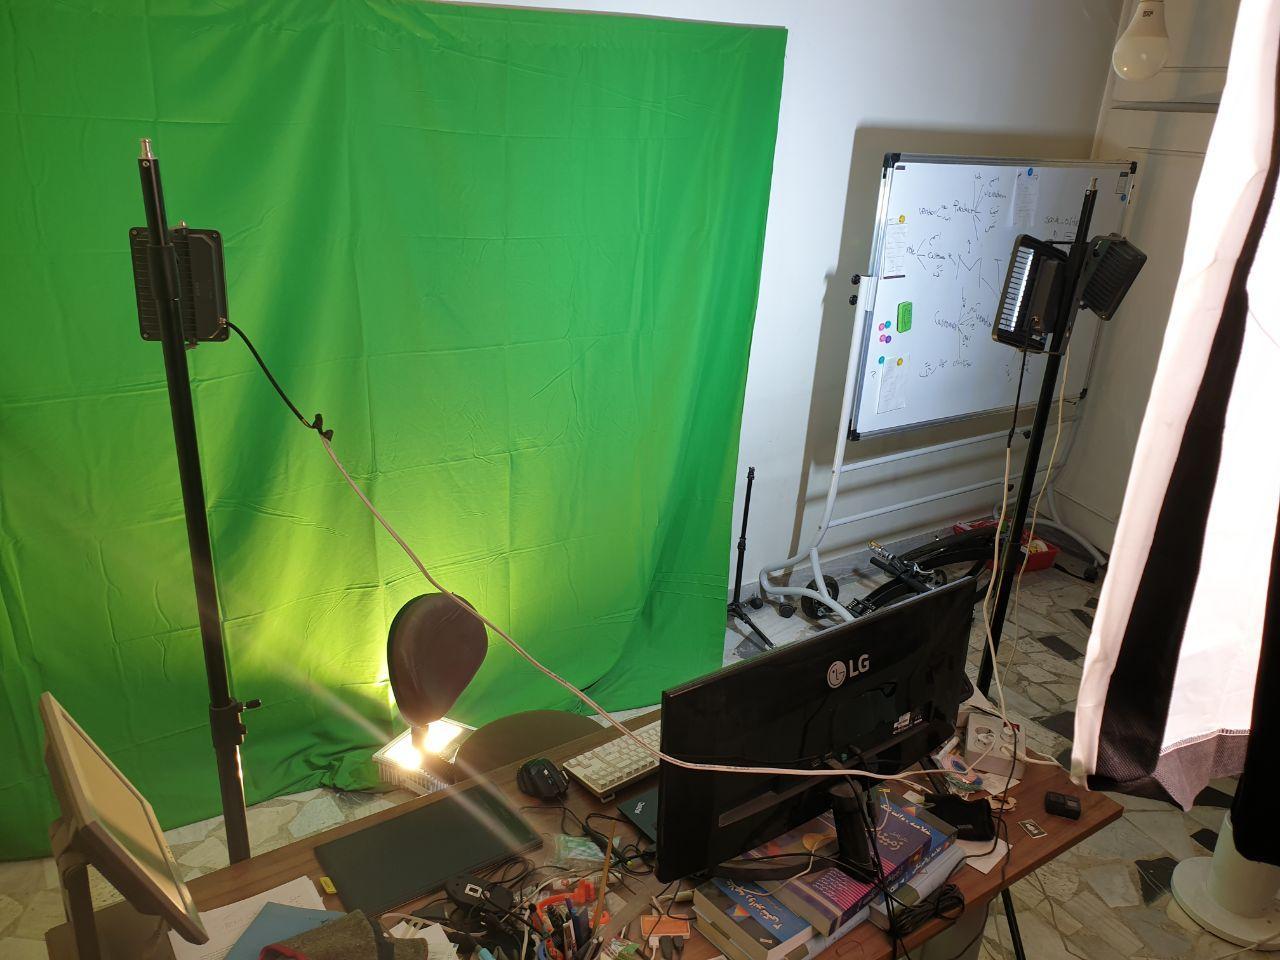 محیط کار جادی برای ضبط ویدئوهای آموزشی + دو درس از زندگی (: